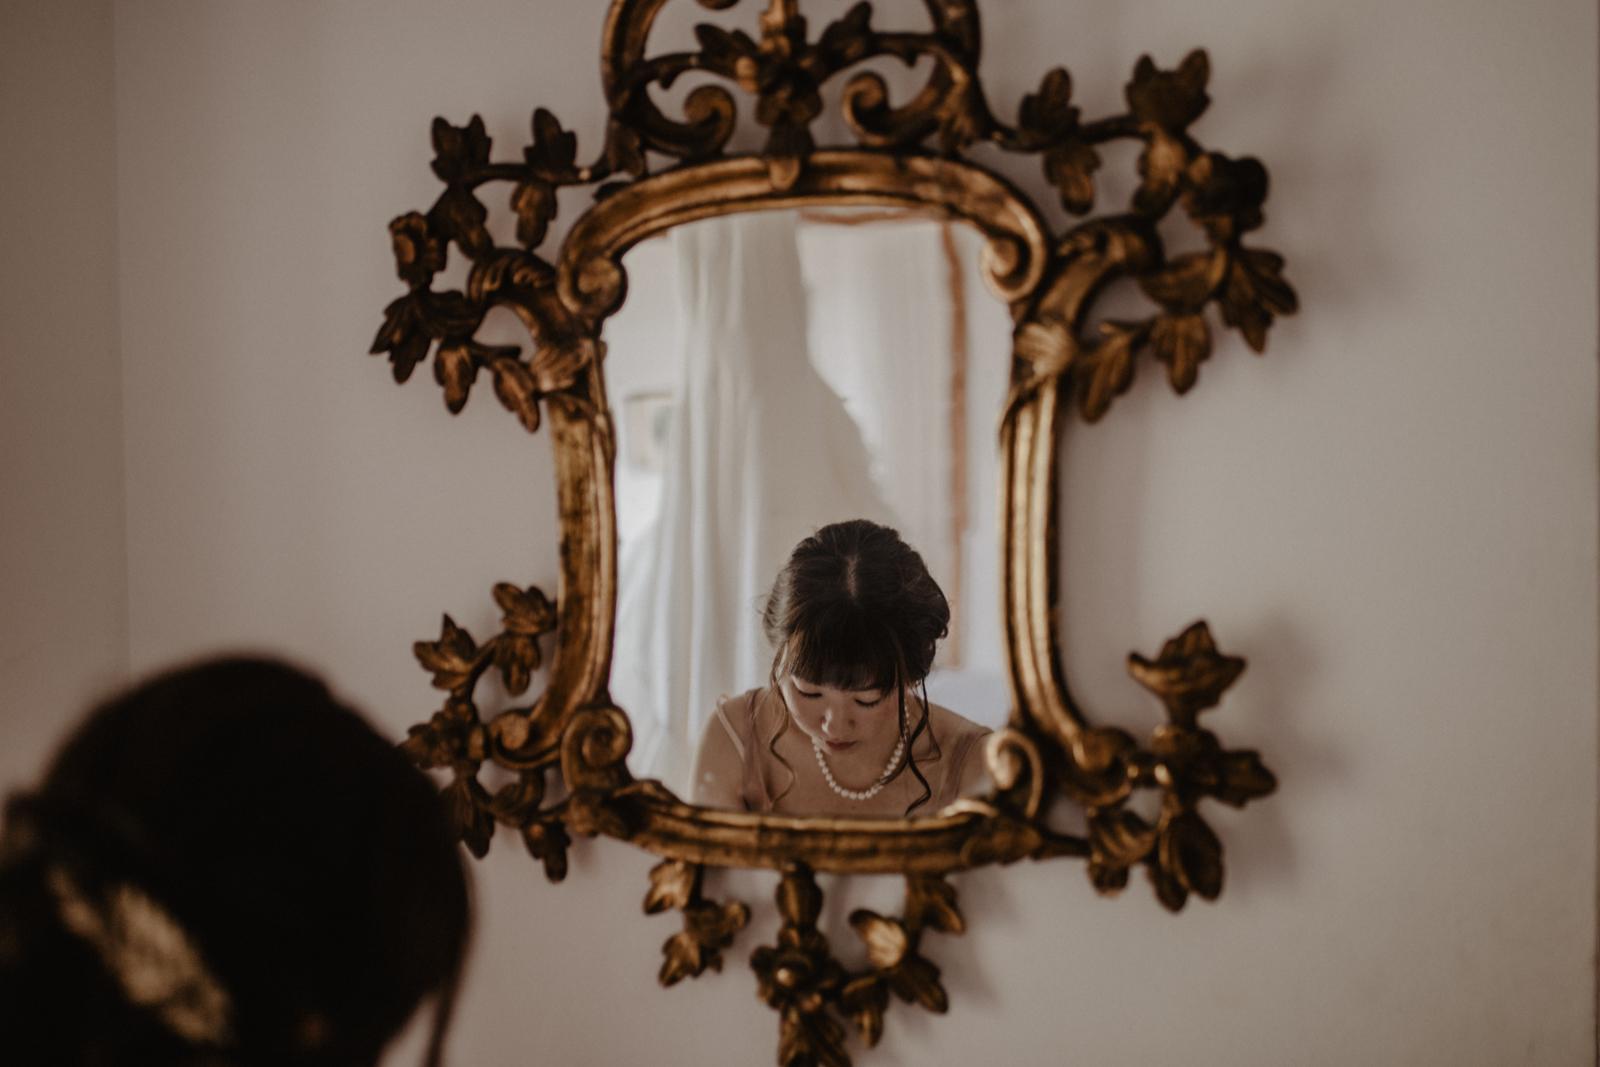 thenortherngirlphotography_photography_thenortherngirl_rebeccascabros_wedding_weddingphotography_weddingphotographer_barcelona_bodaenlabaronia_labaronia_japanesewedding_destinationwedding_shokoalbert-181.jpg